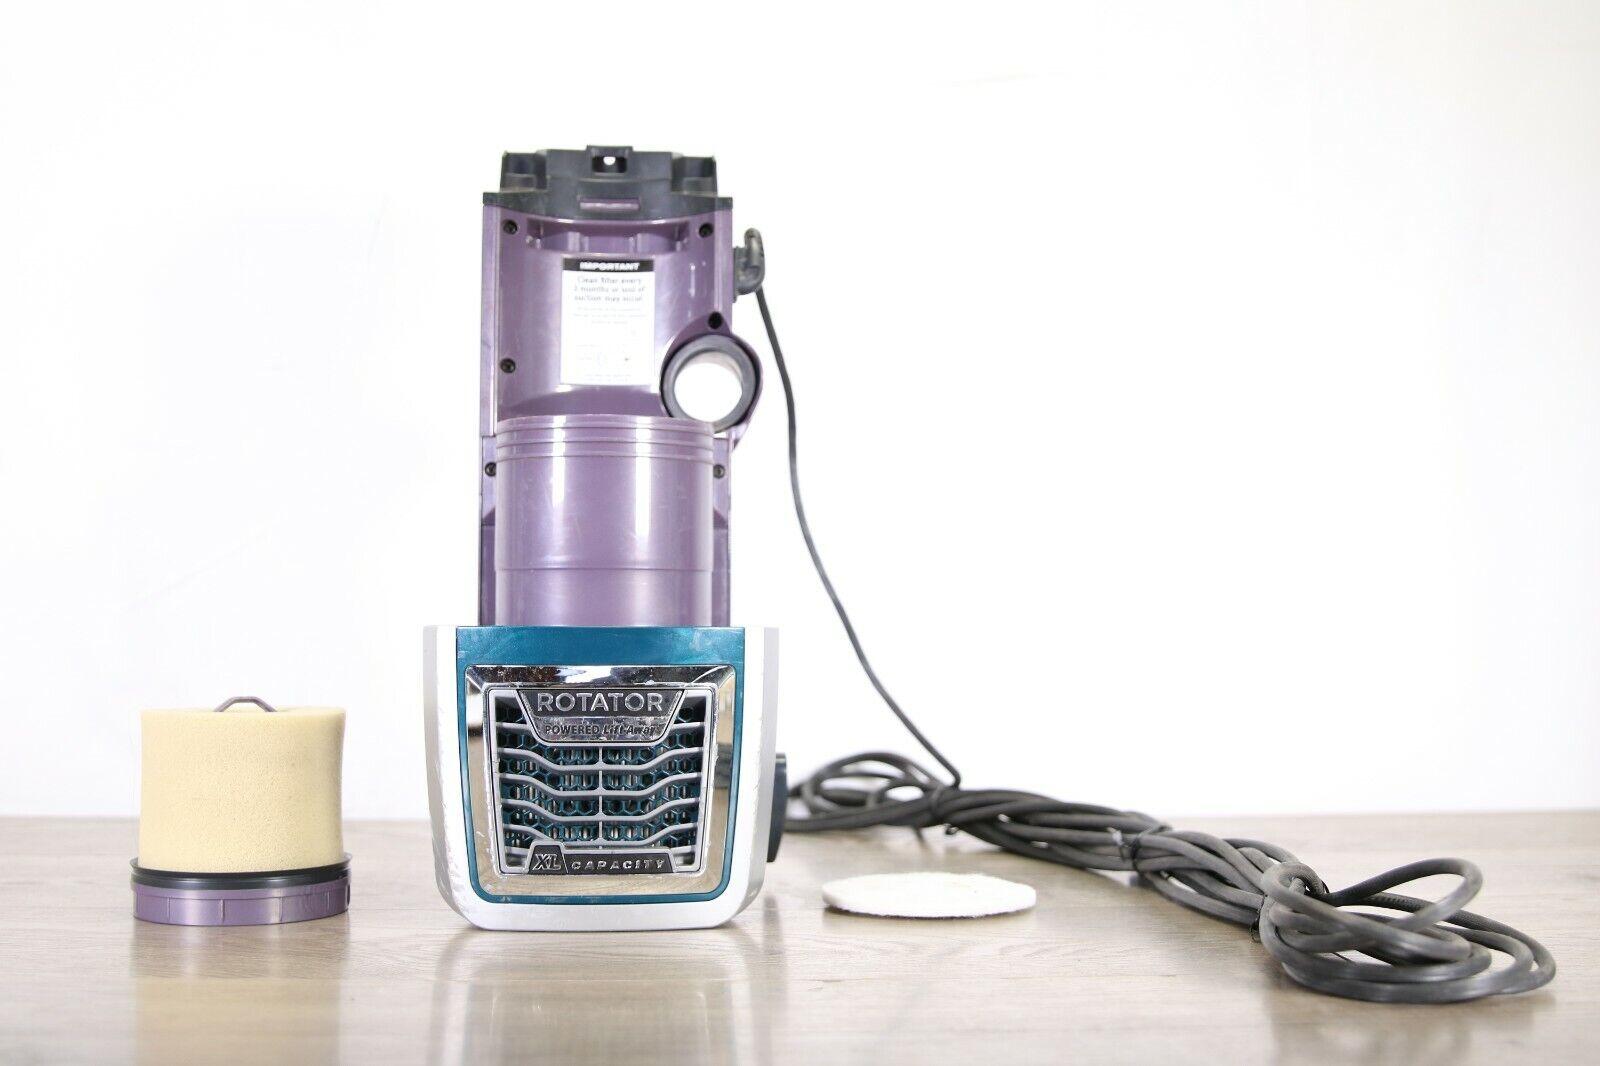 Shark redator NV751 Powered Lift-Away Vacuum Cleaner (PARTS)